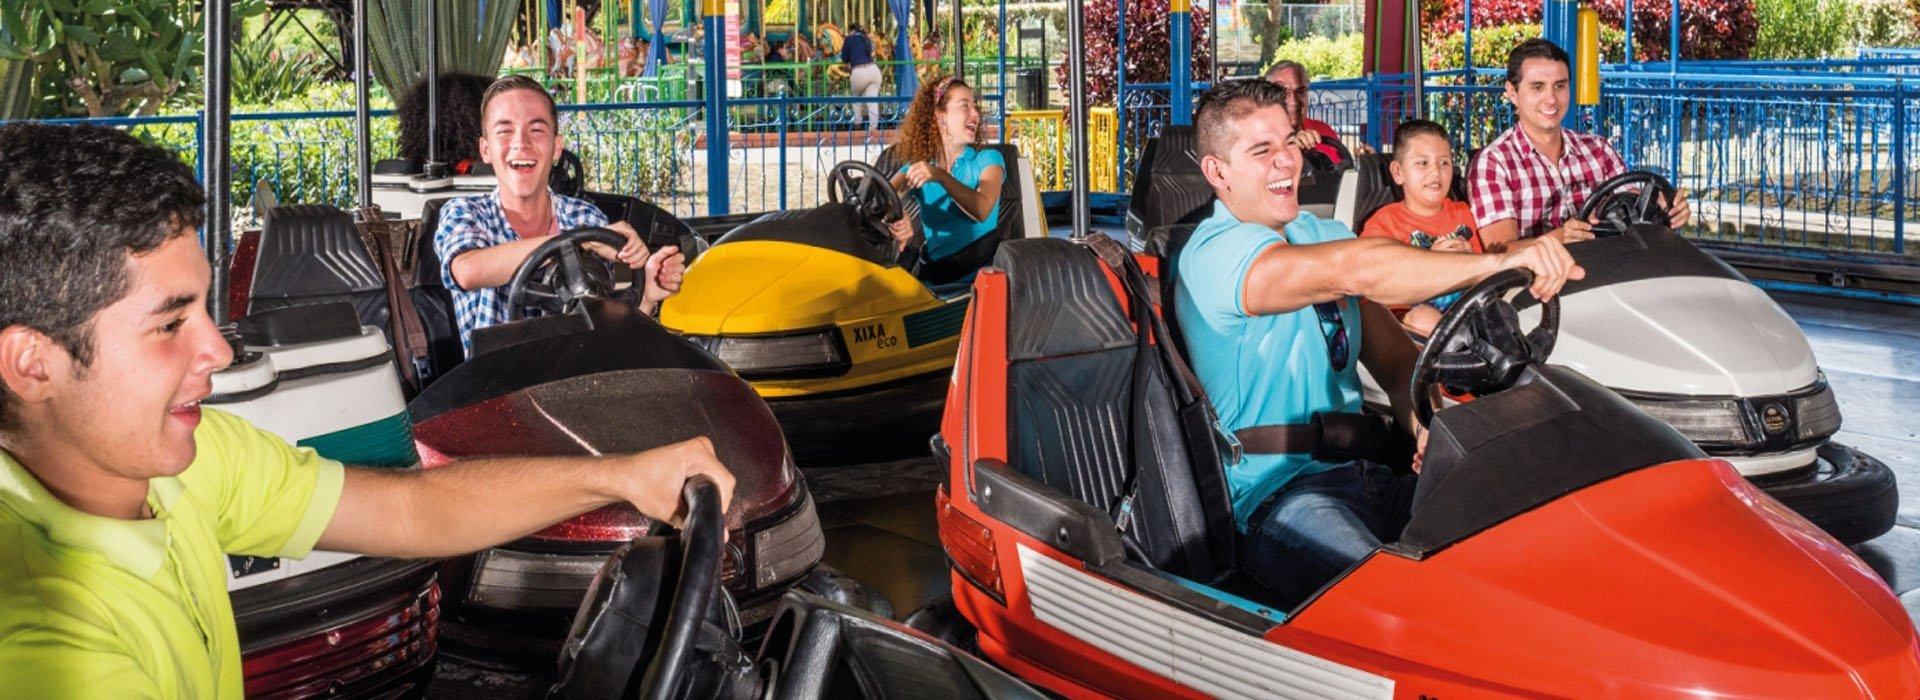 Atracción Carros Chocones del Parque del Café